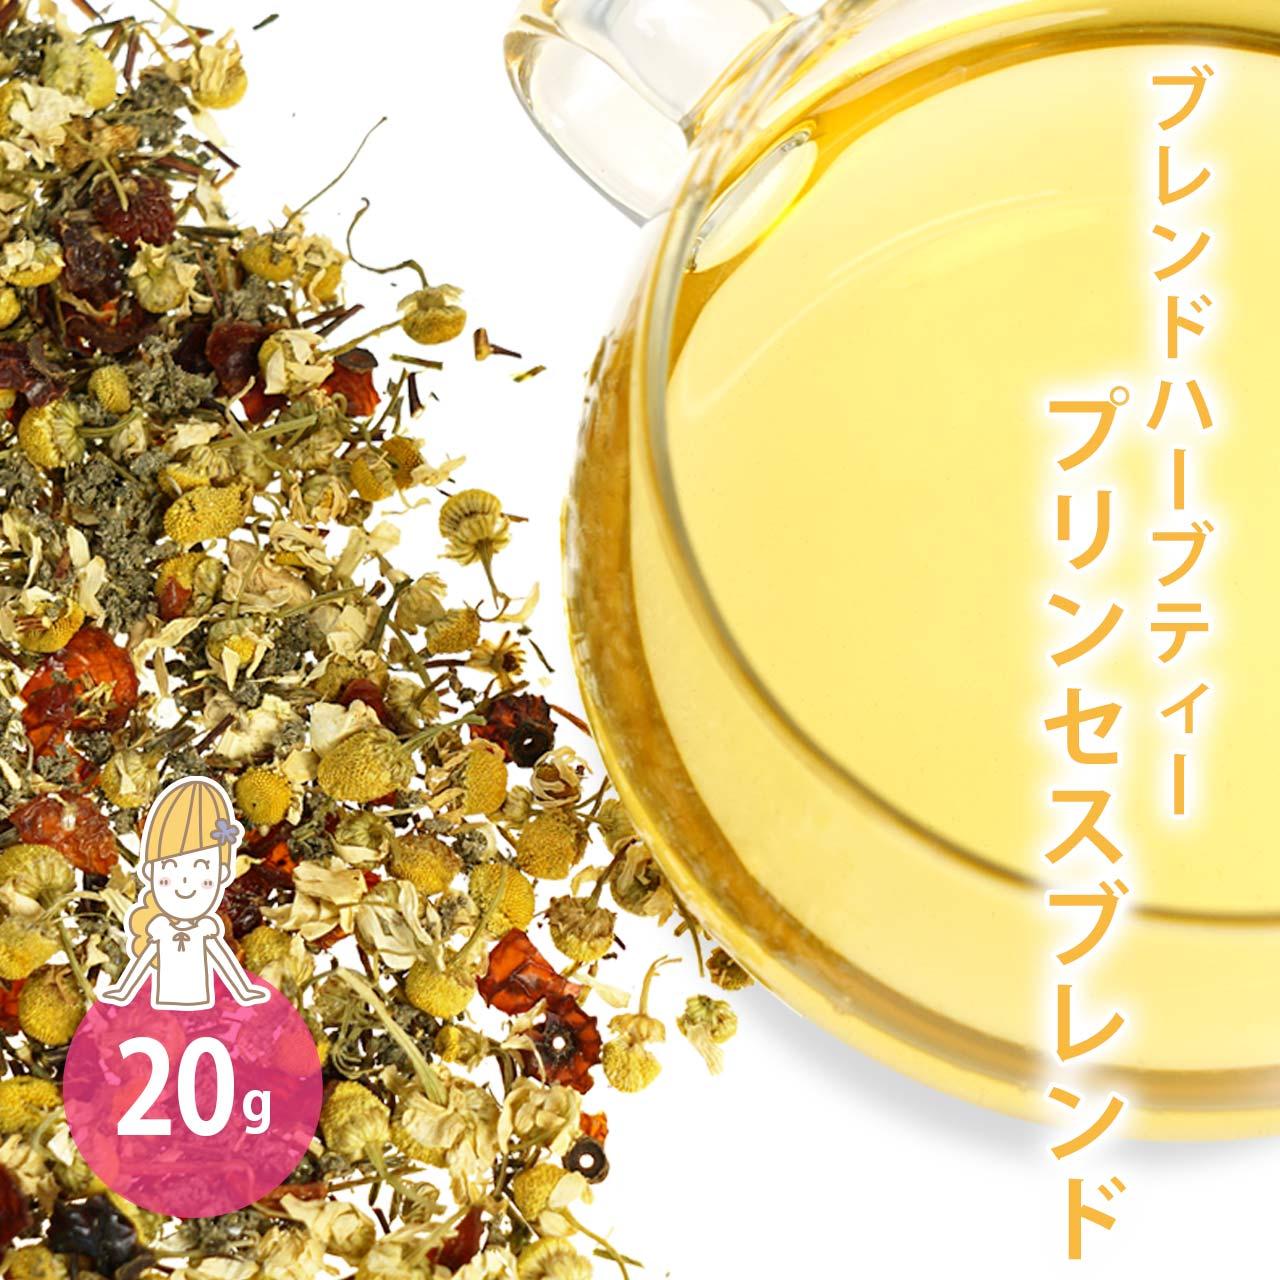 オリジナルブレンドハーブティー プリンセスブレンド 20g 【ポストお届け可】